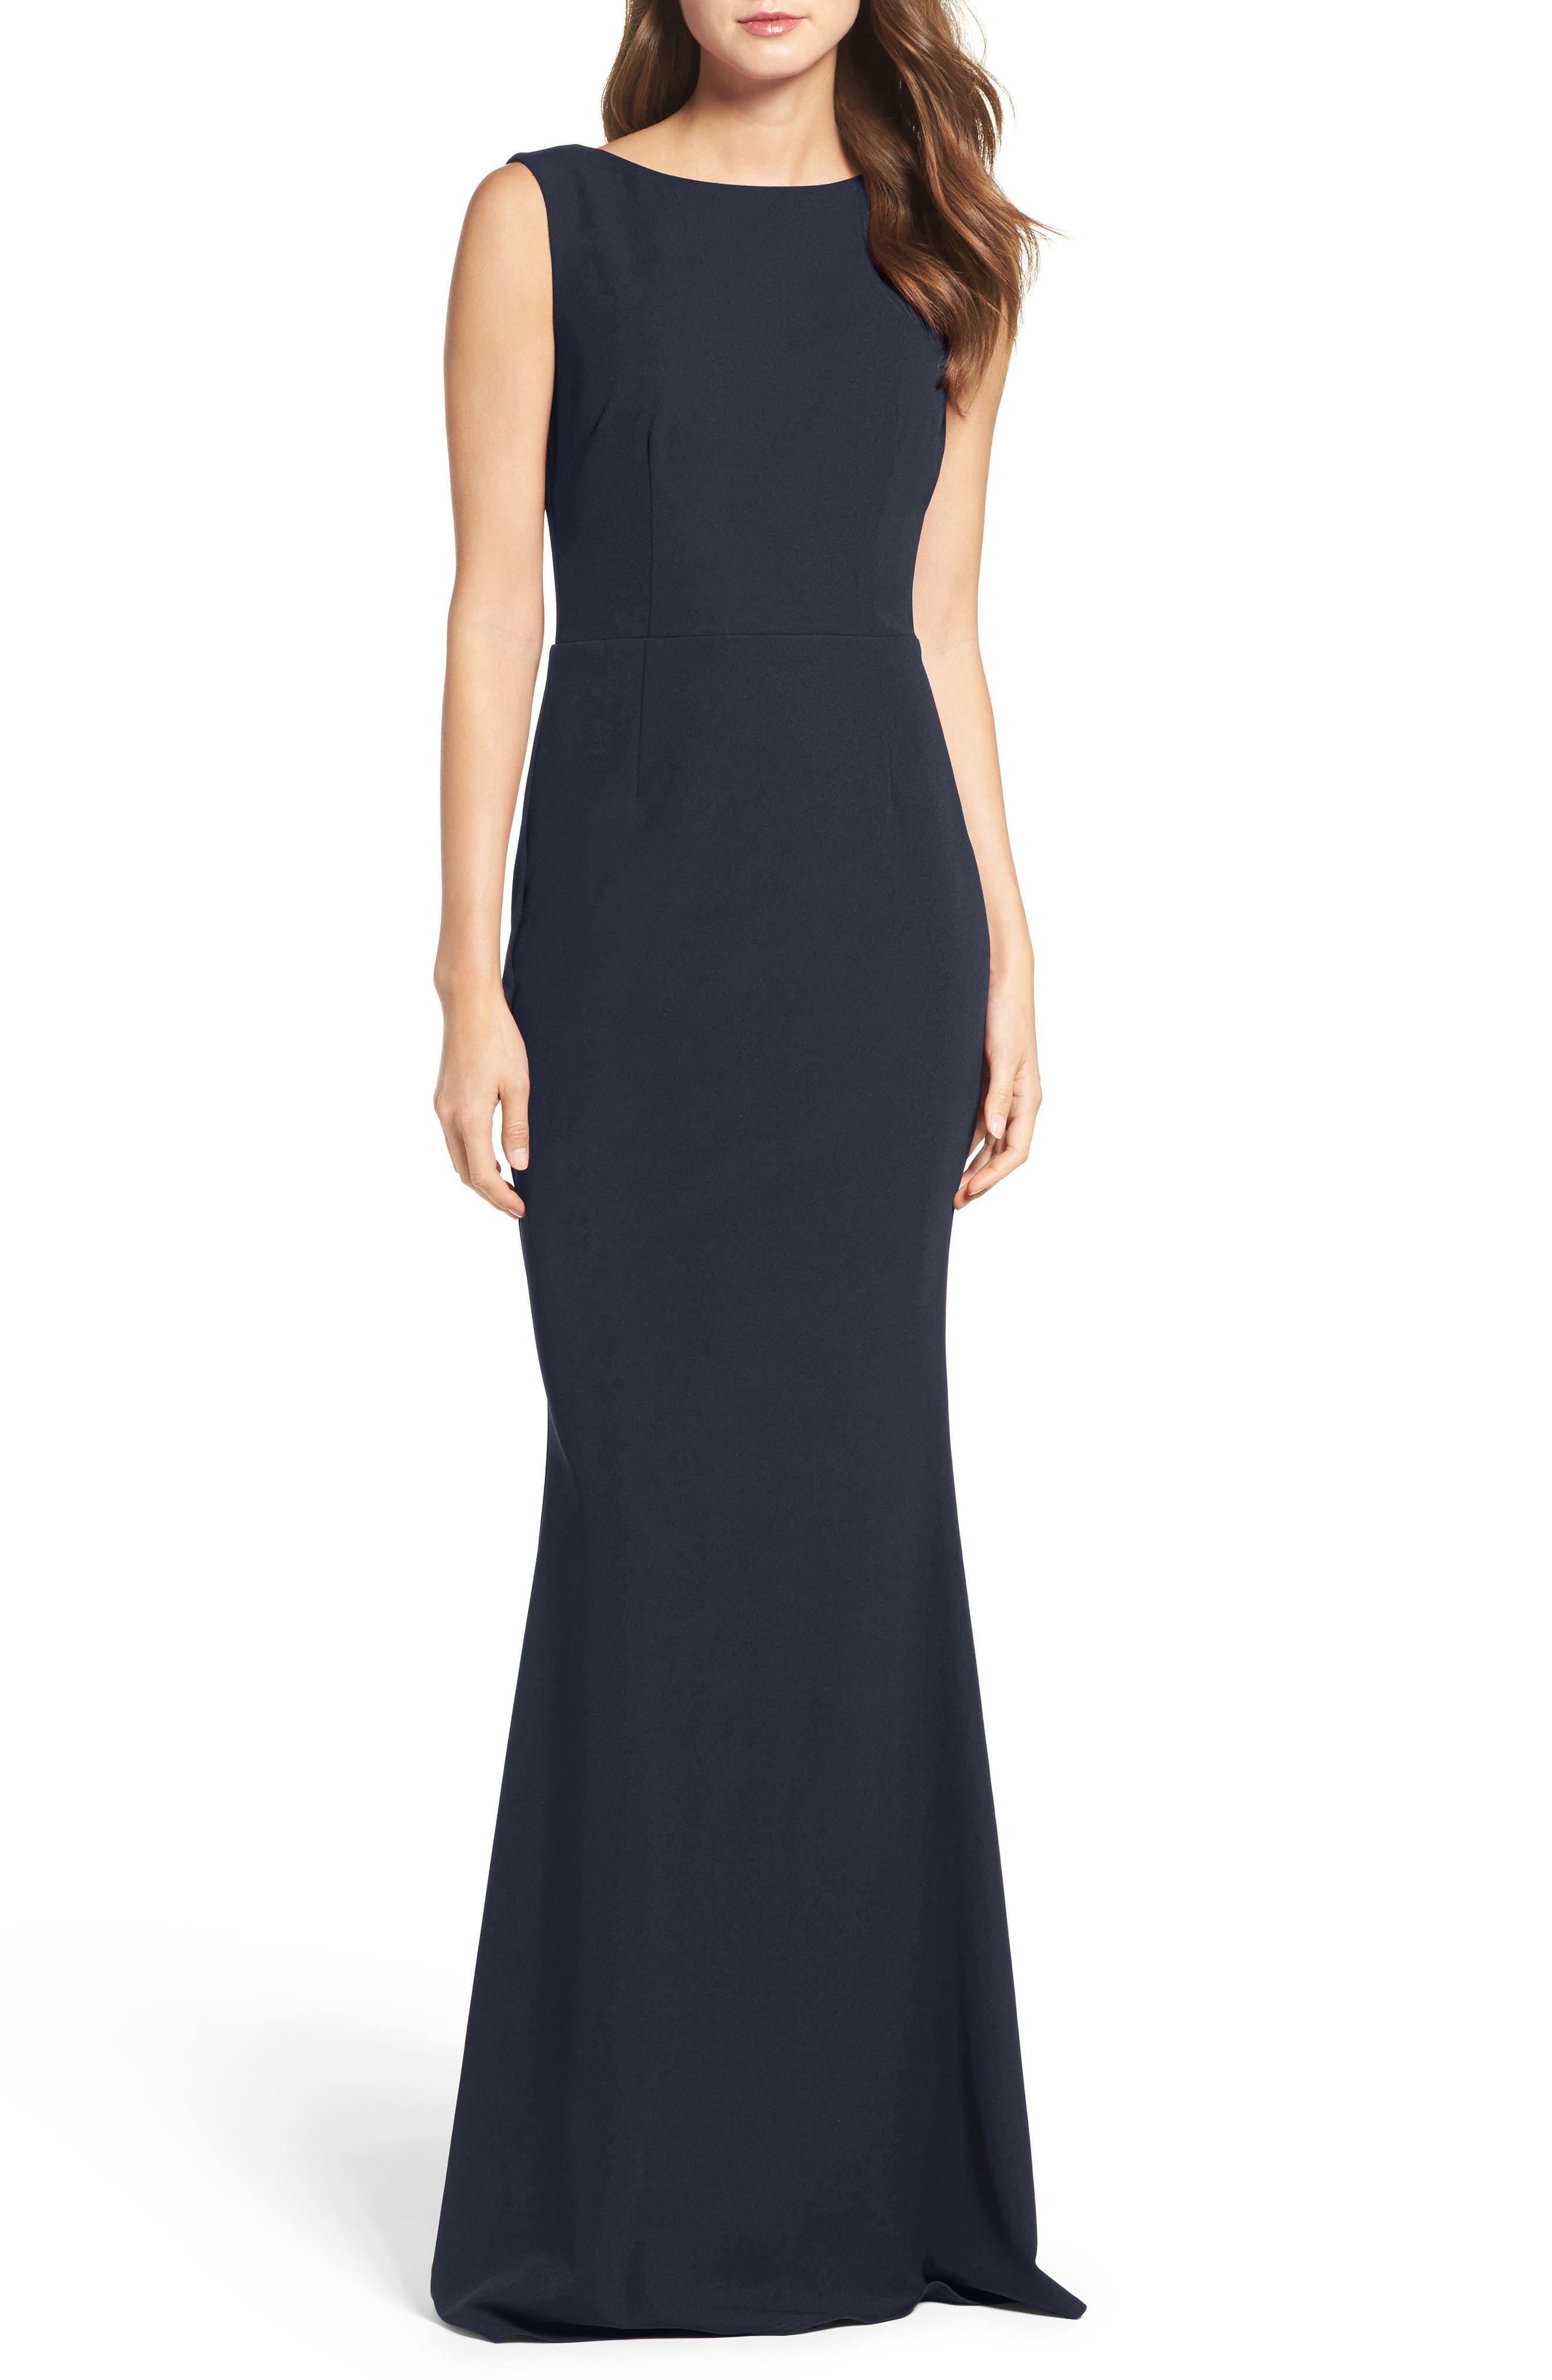 Vionnet Drape Back Crepe Gown,                         Main,                         color, NAVY